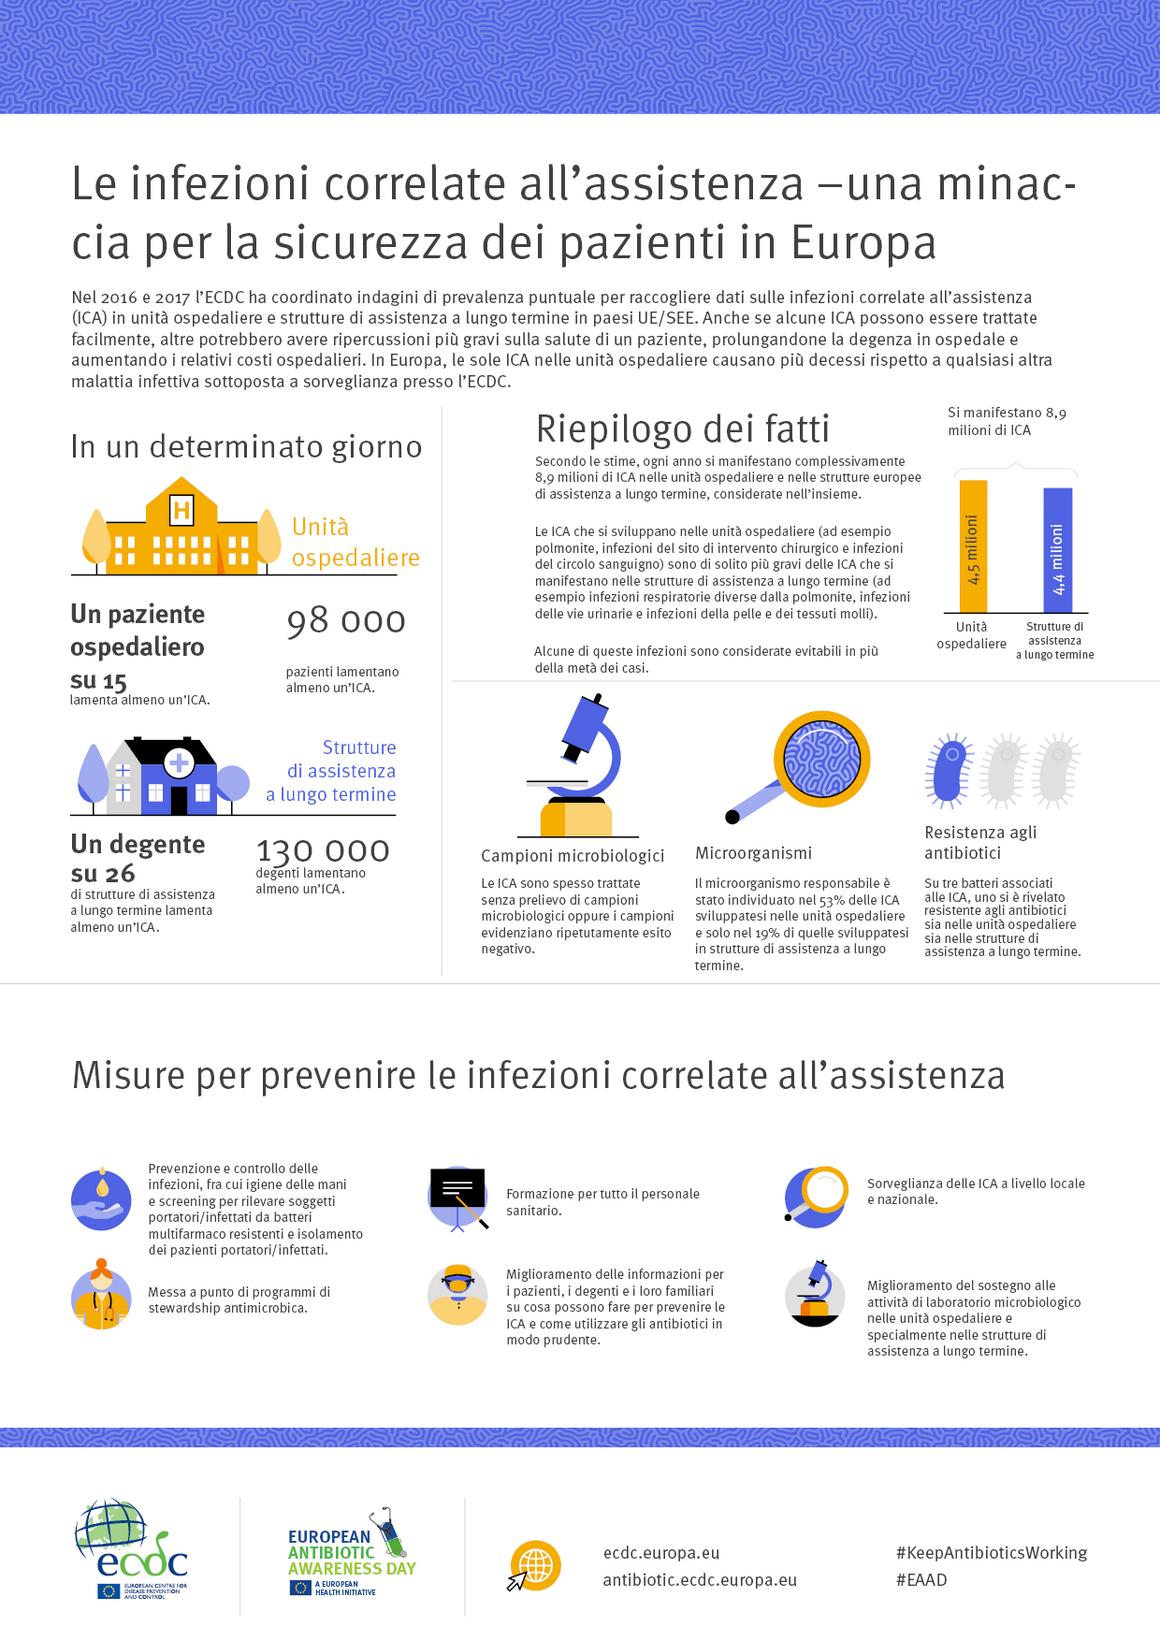 Le infezioni correlate all'assistenza – una minaccia per la sicurezza dei pazienti in Europa